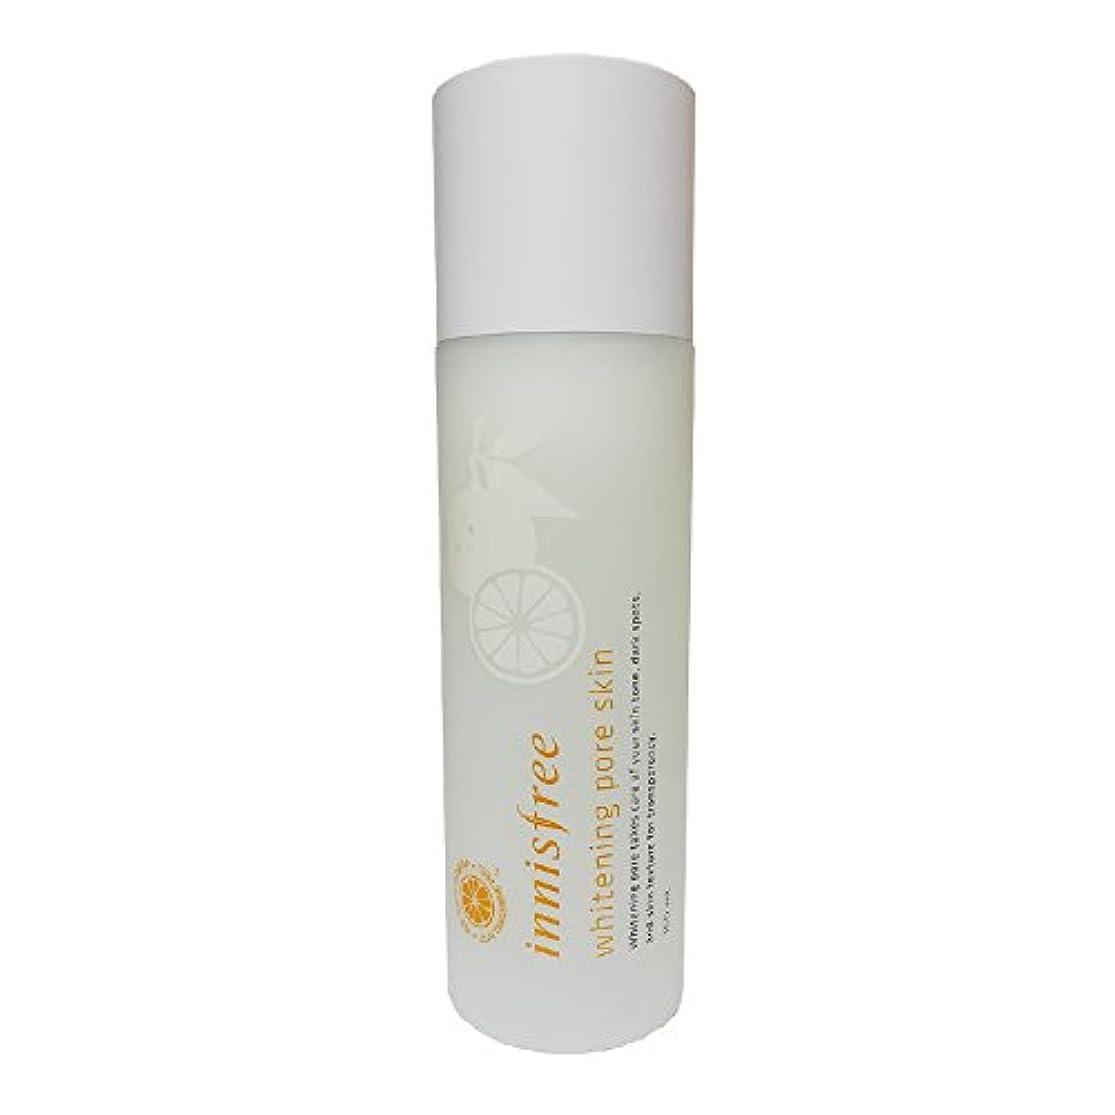 モス割るうるさい[イニスフリー] Innisfree ホワイトニング毛穴スキン (150ml) Innisfree Whitening Pore Skin(150ml) [海外直送品]